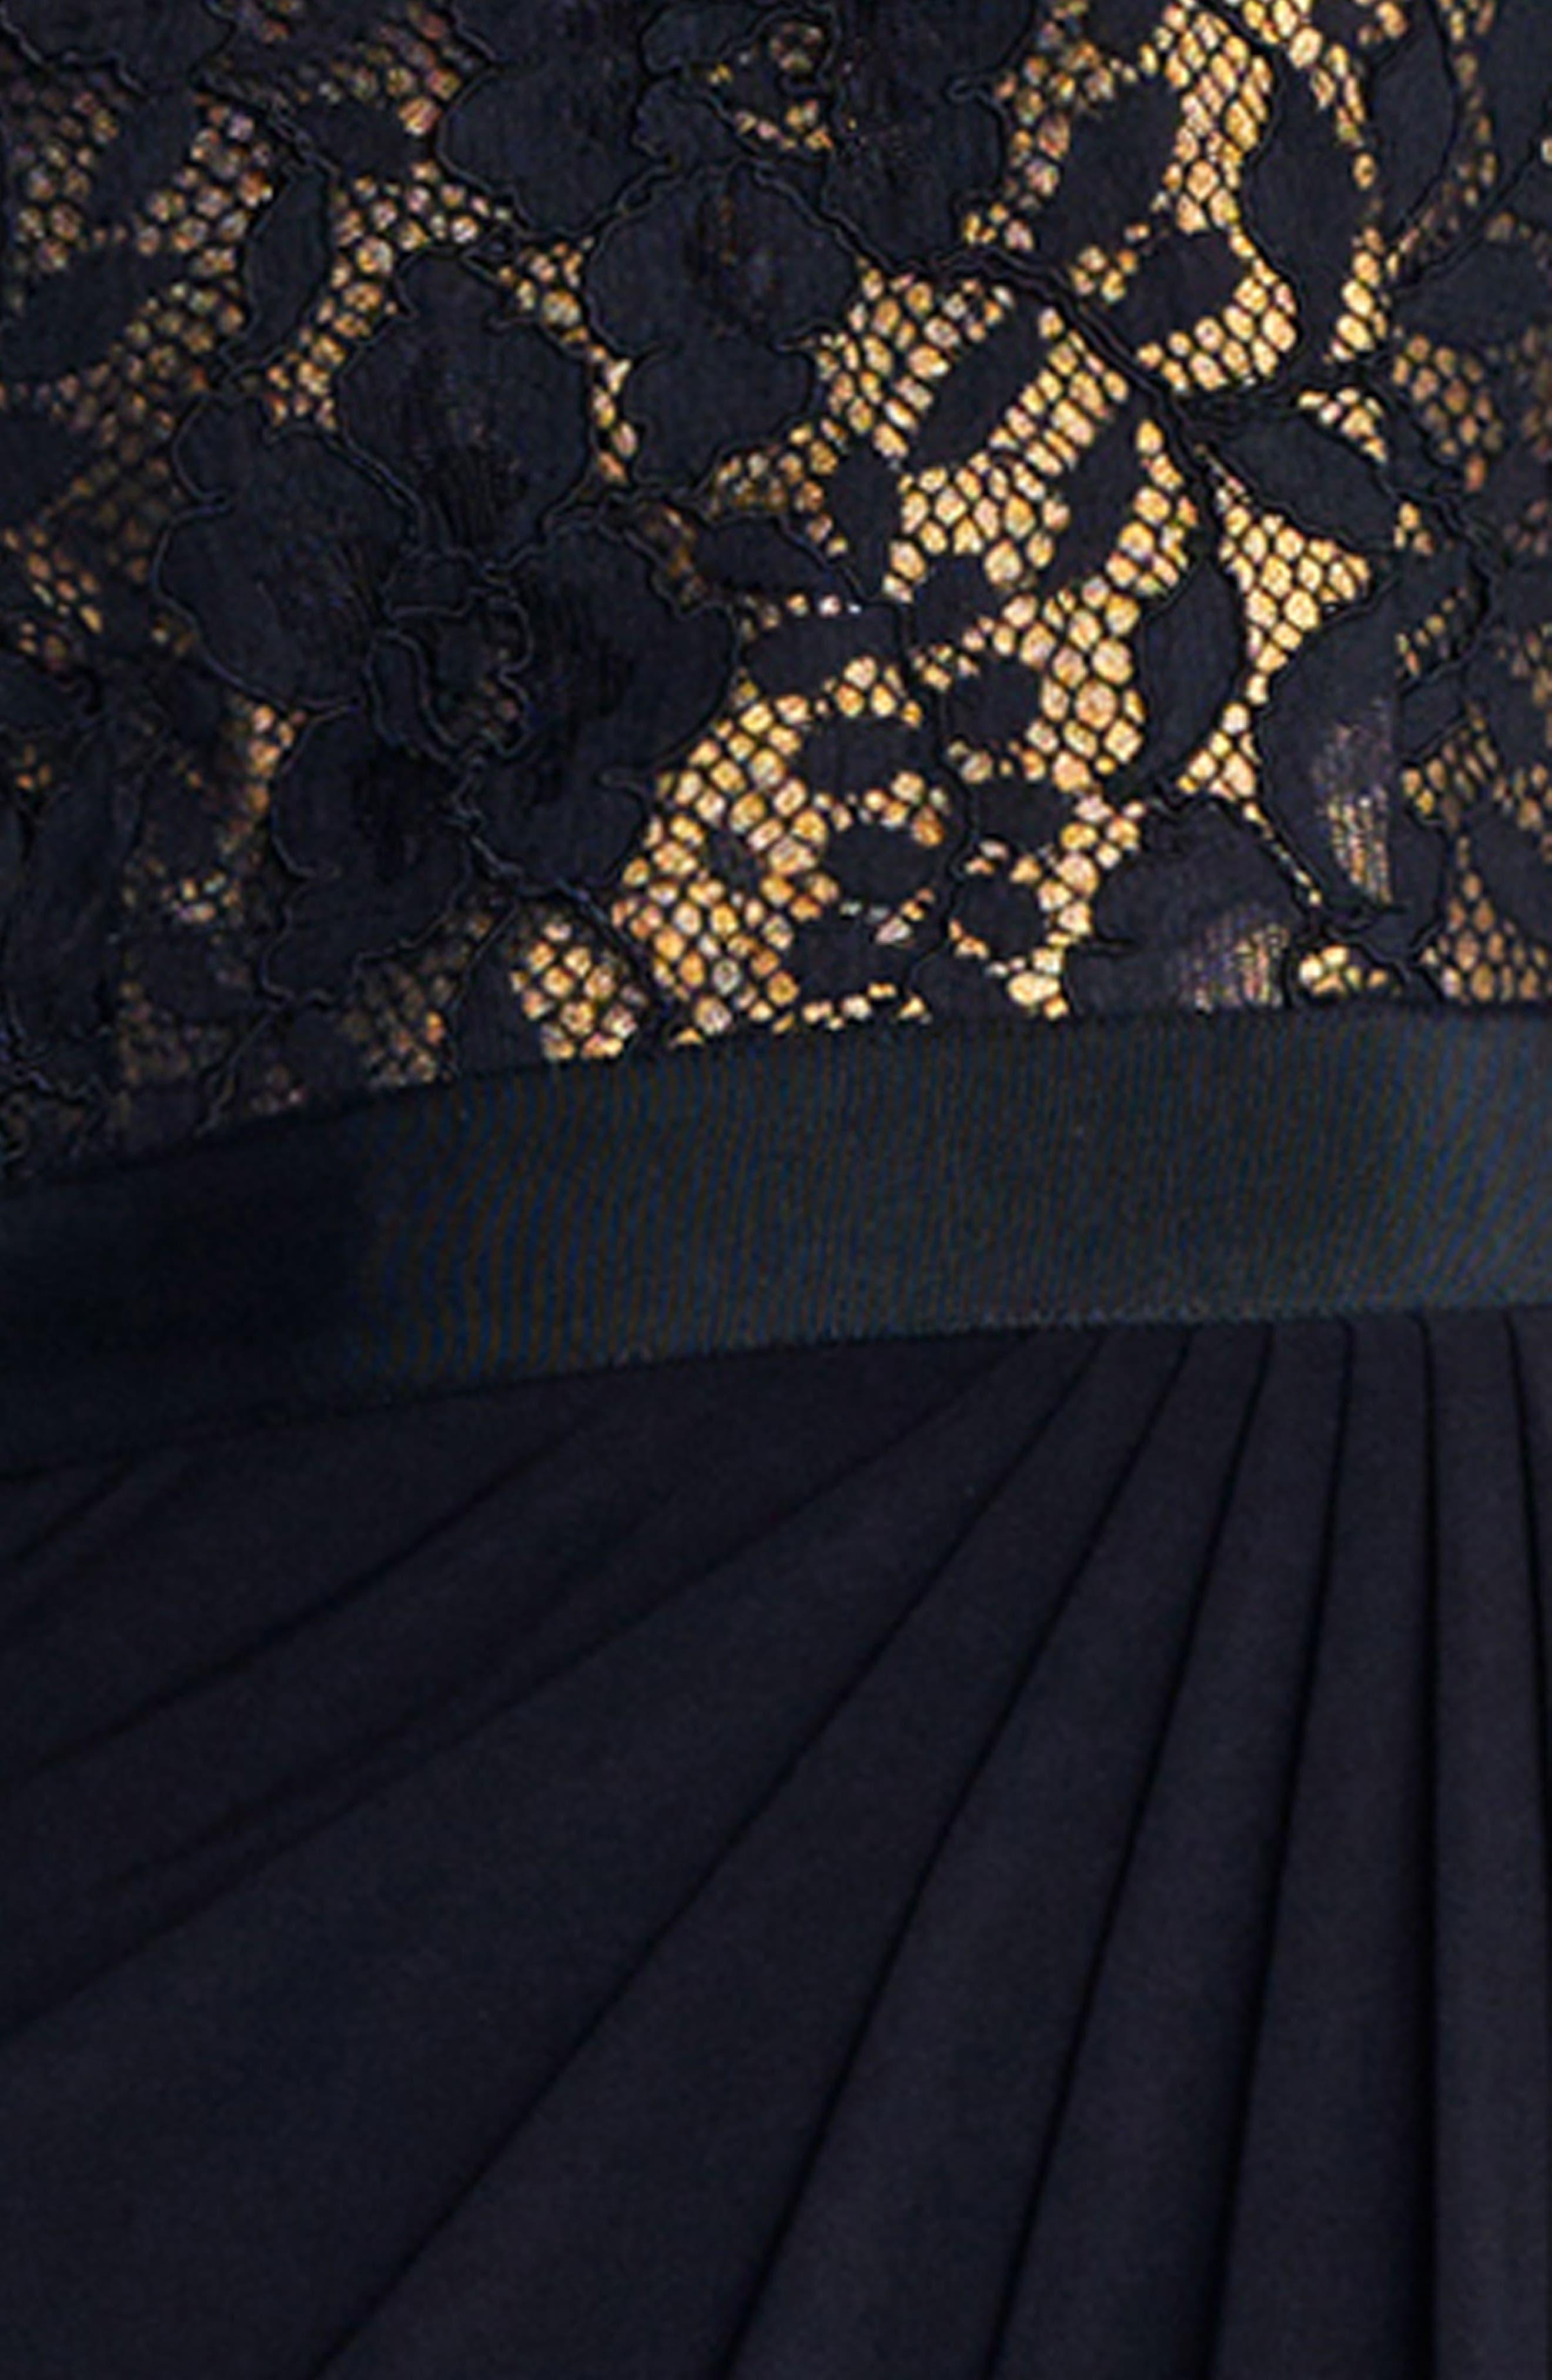 Lace One-Shoulder Gown,                             Alternate thumbnail 3, color,                             Black/Copper